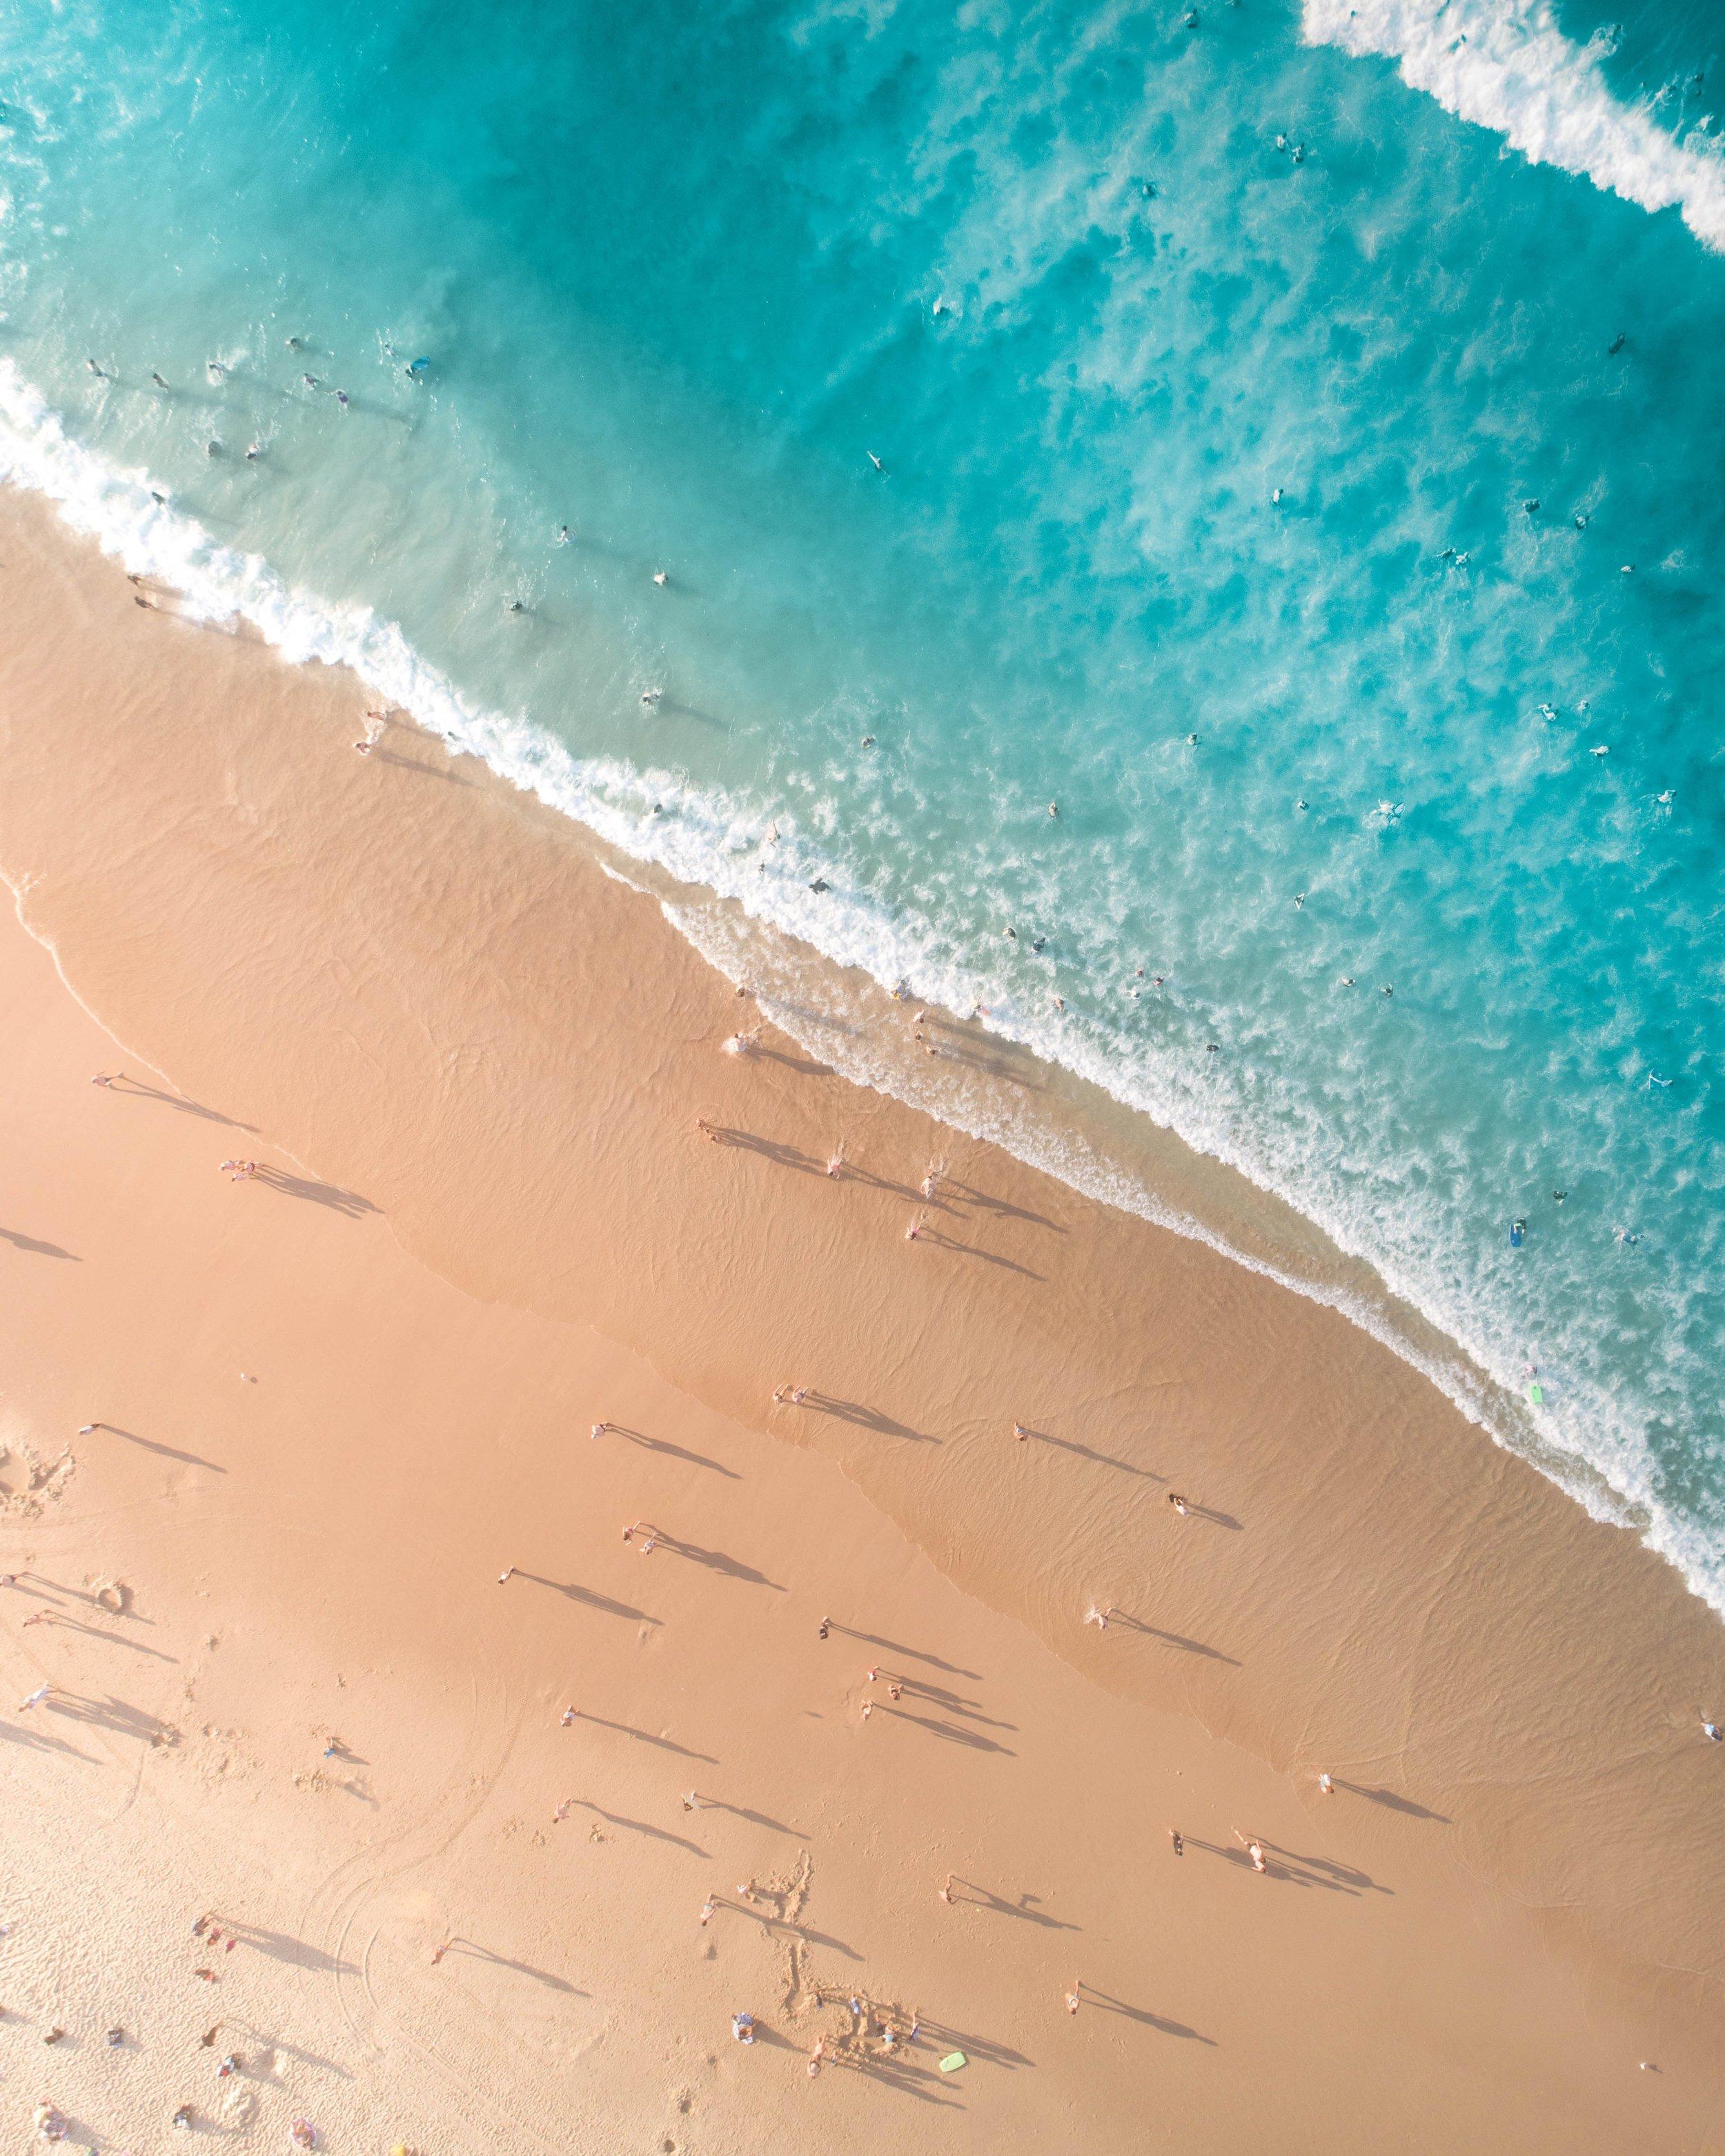 aerial-photography-aerial-shot-beach-1858161.jpg